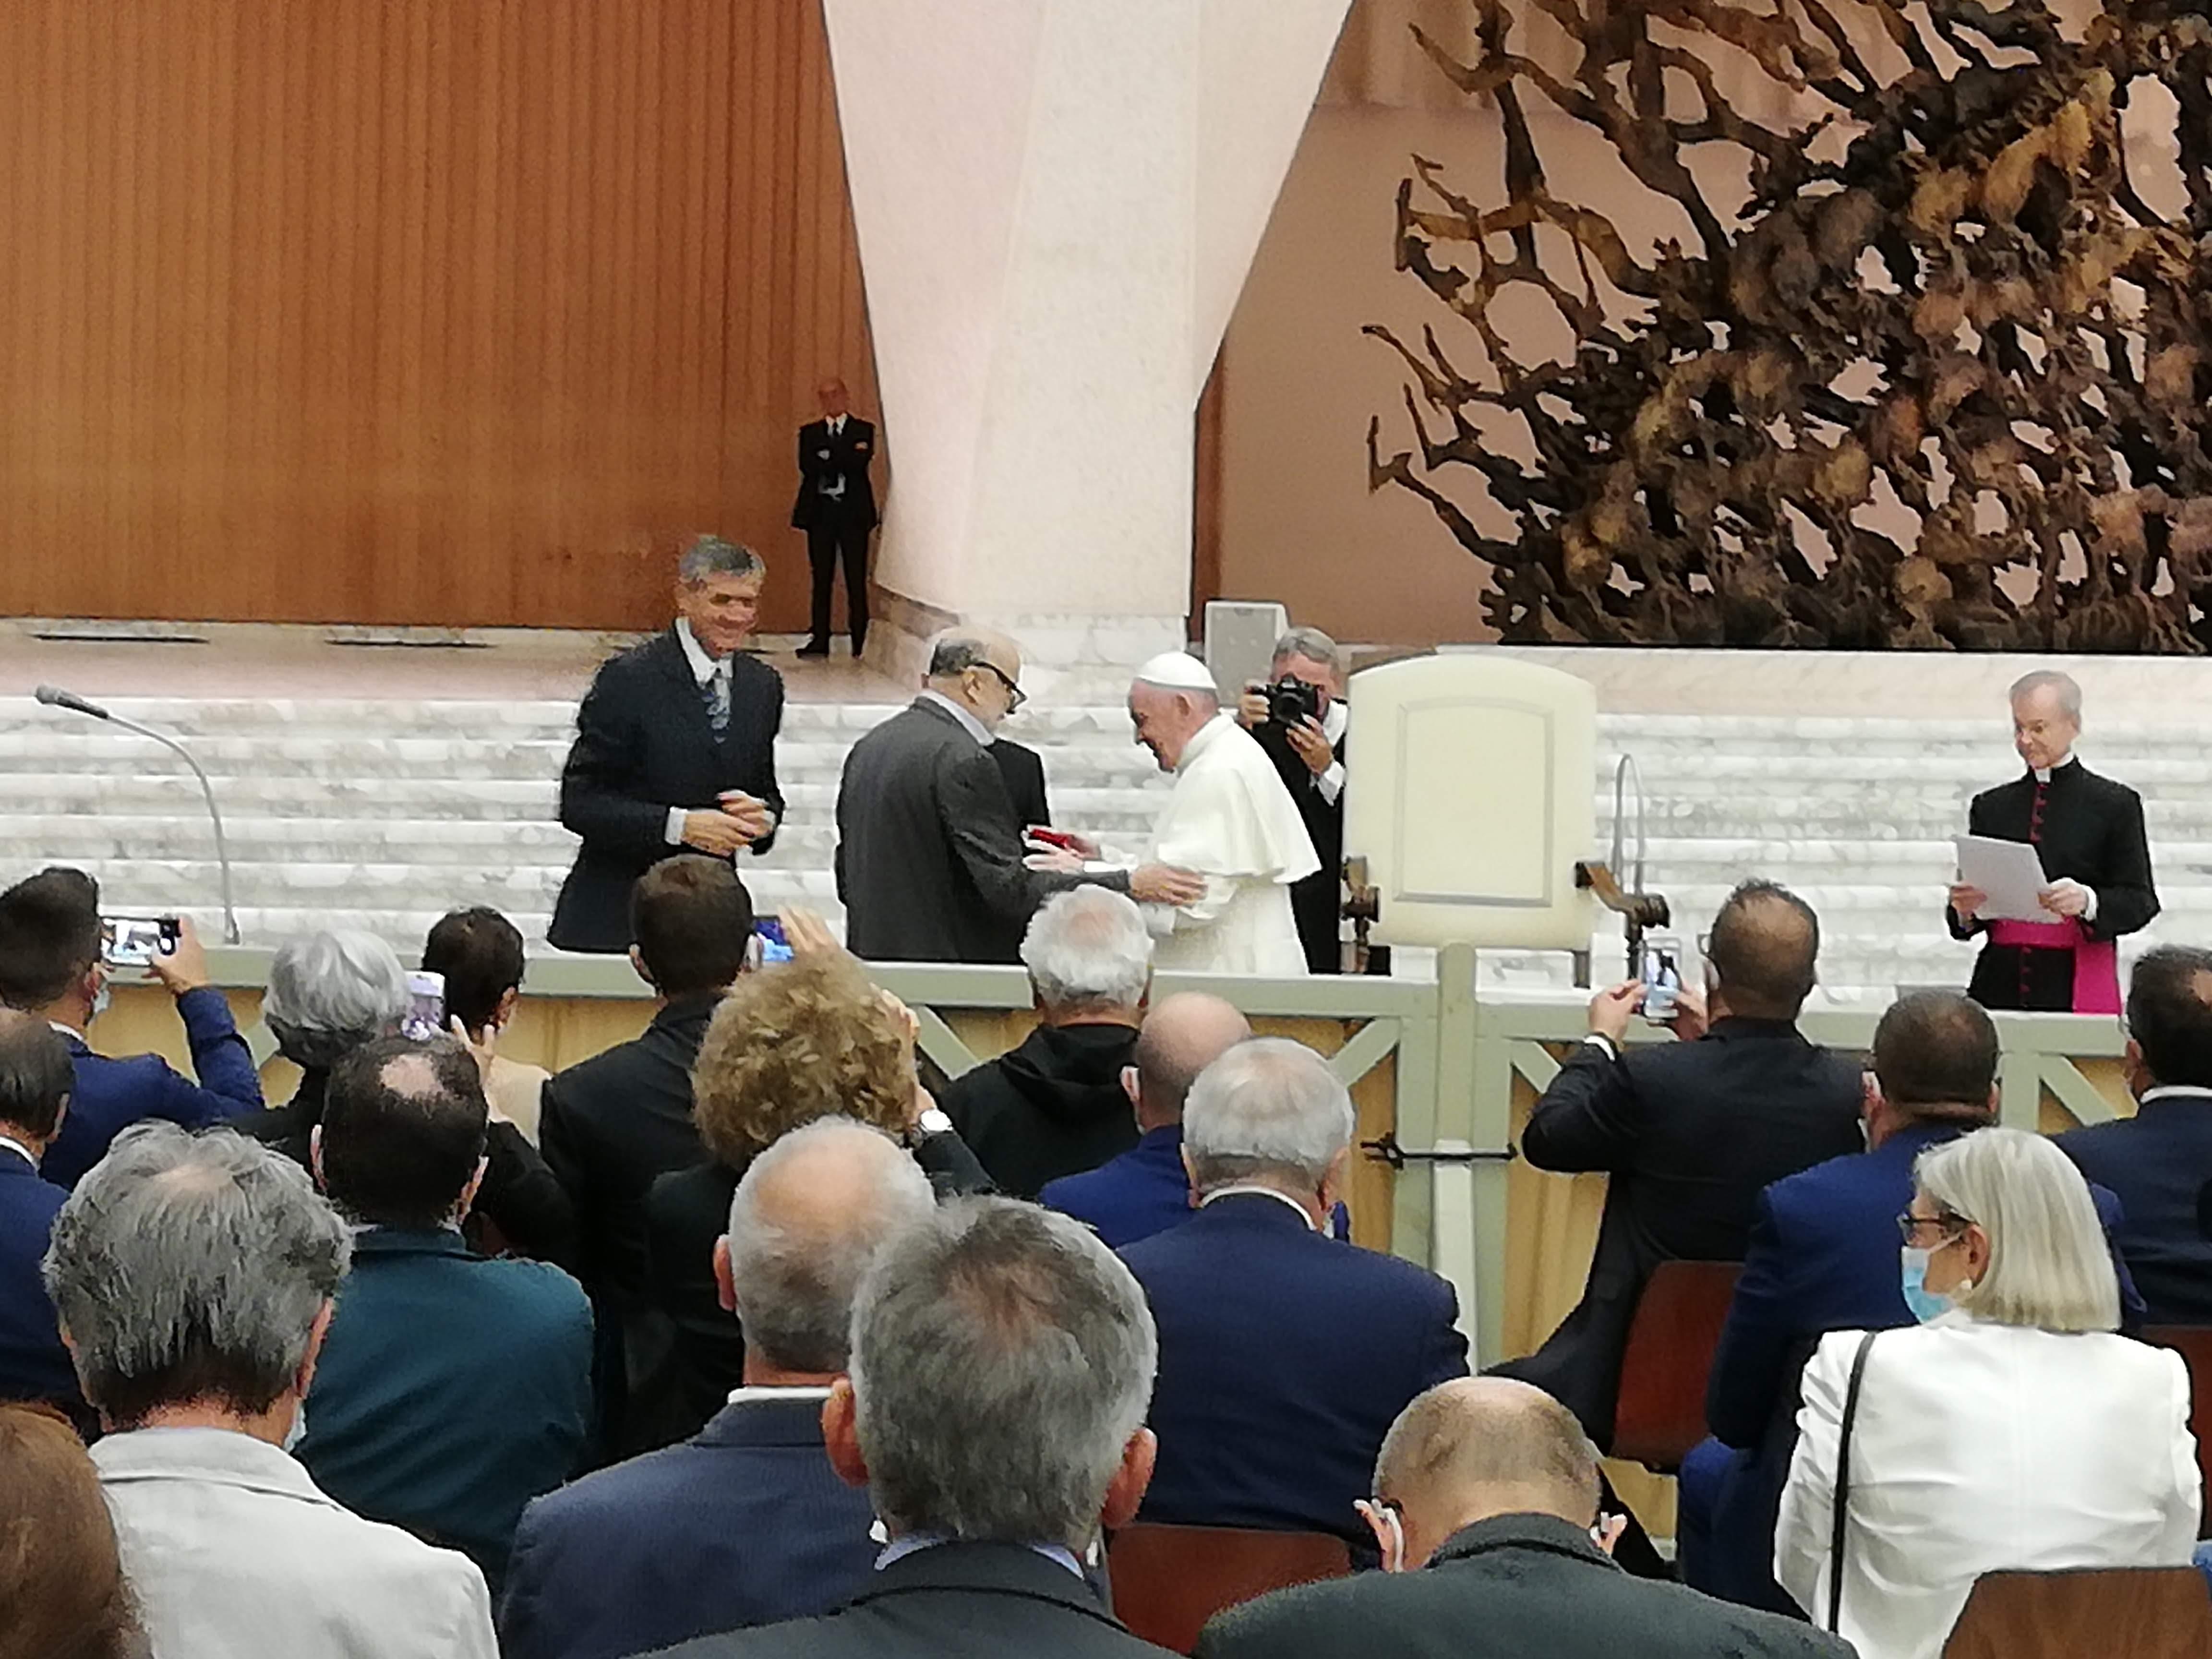 Petrini incontra papa Francesco in occasione dell'incontro delle Comunità Laudato Si'